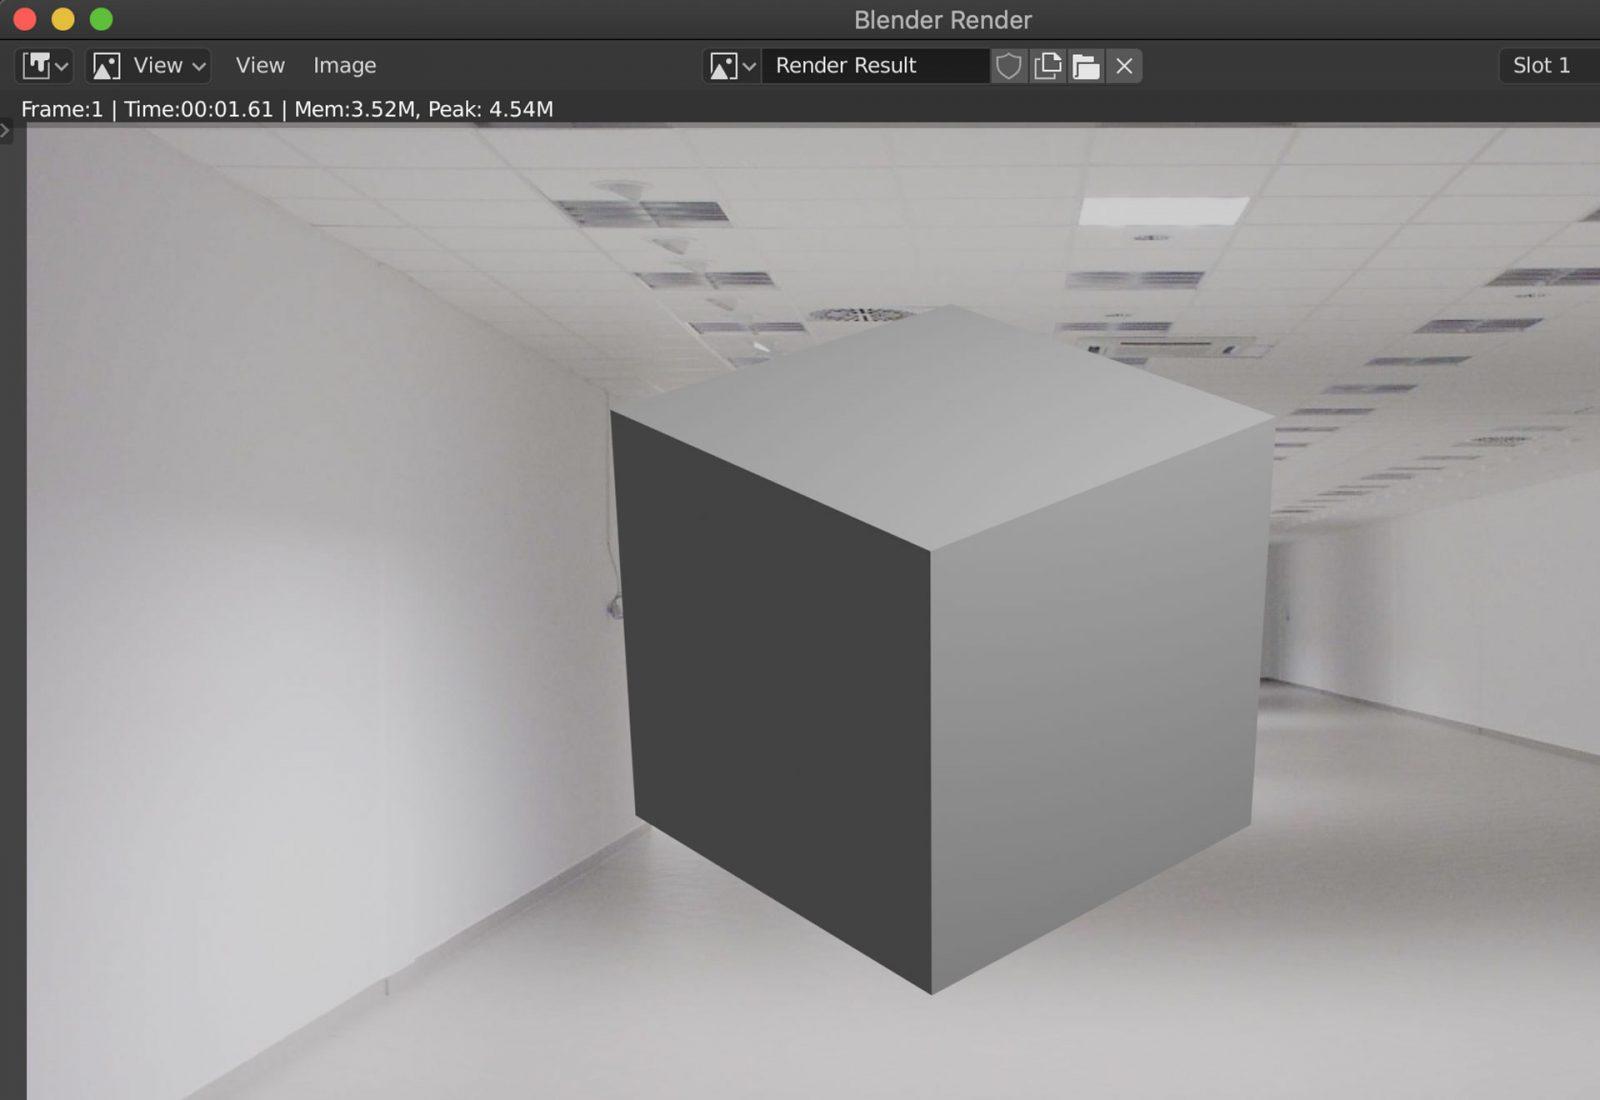 Render a Background Image Using Blender 2.8 - step 19 example render with background image